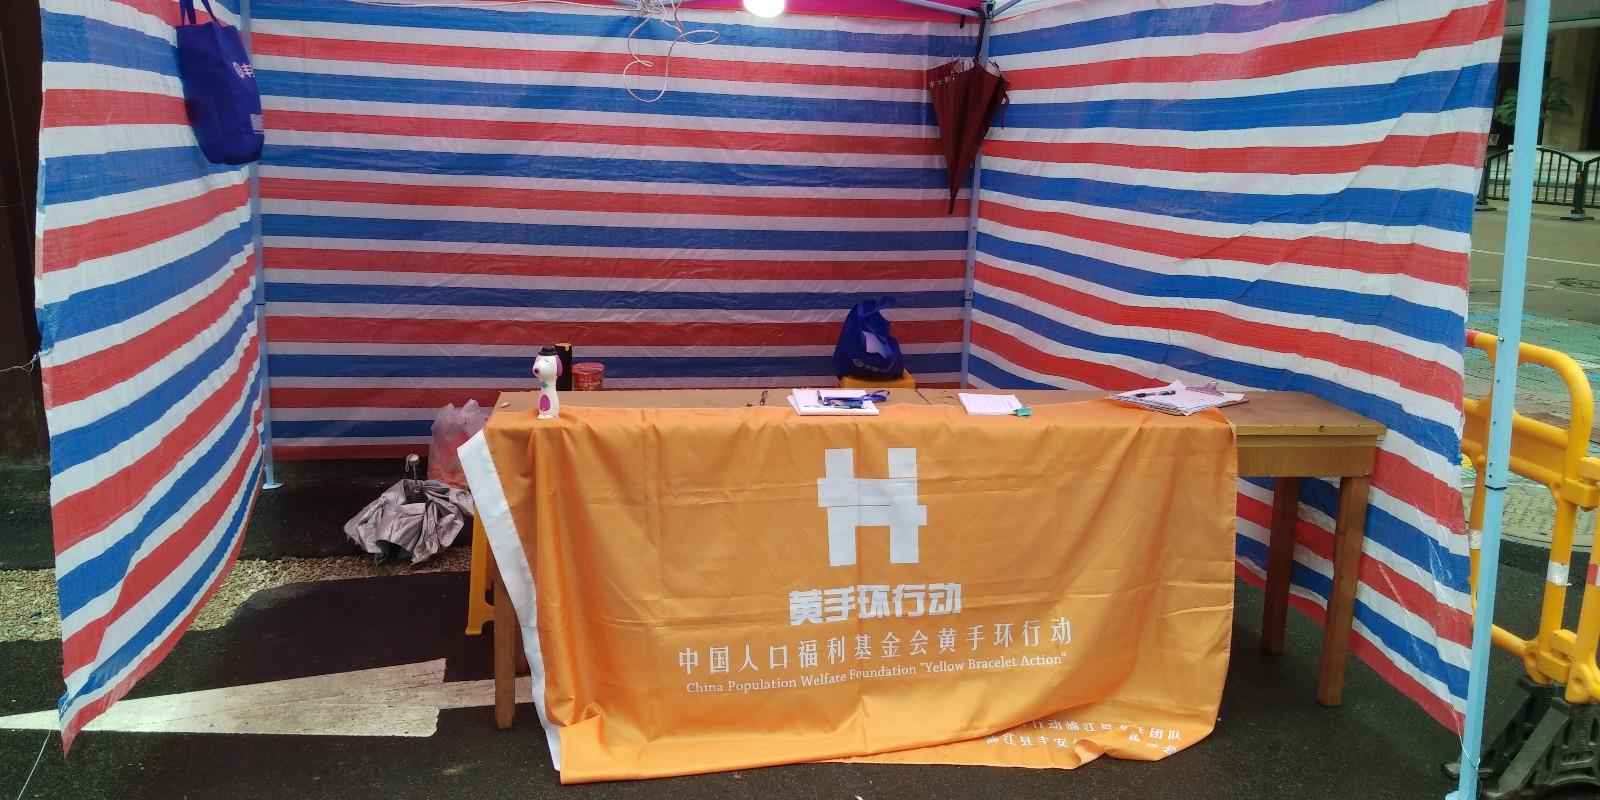 浙江省:黄手环浦江合作团队参与社区疫情防控